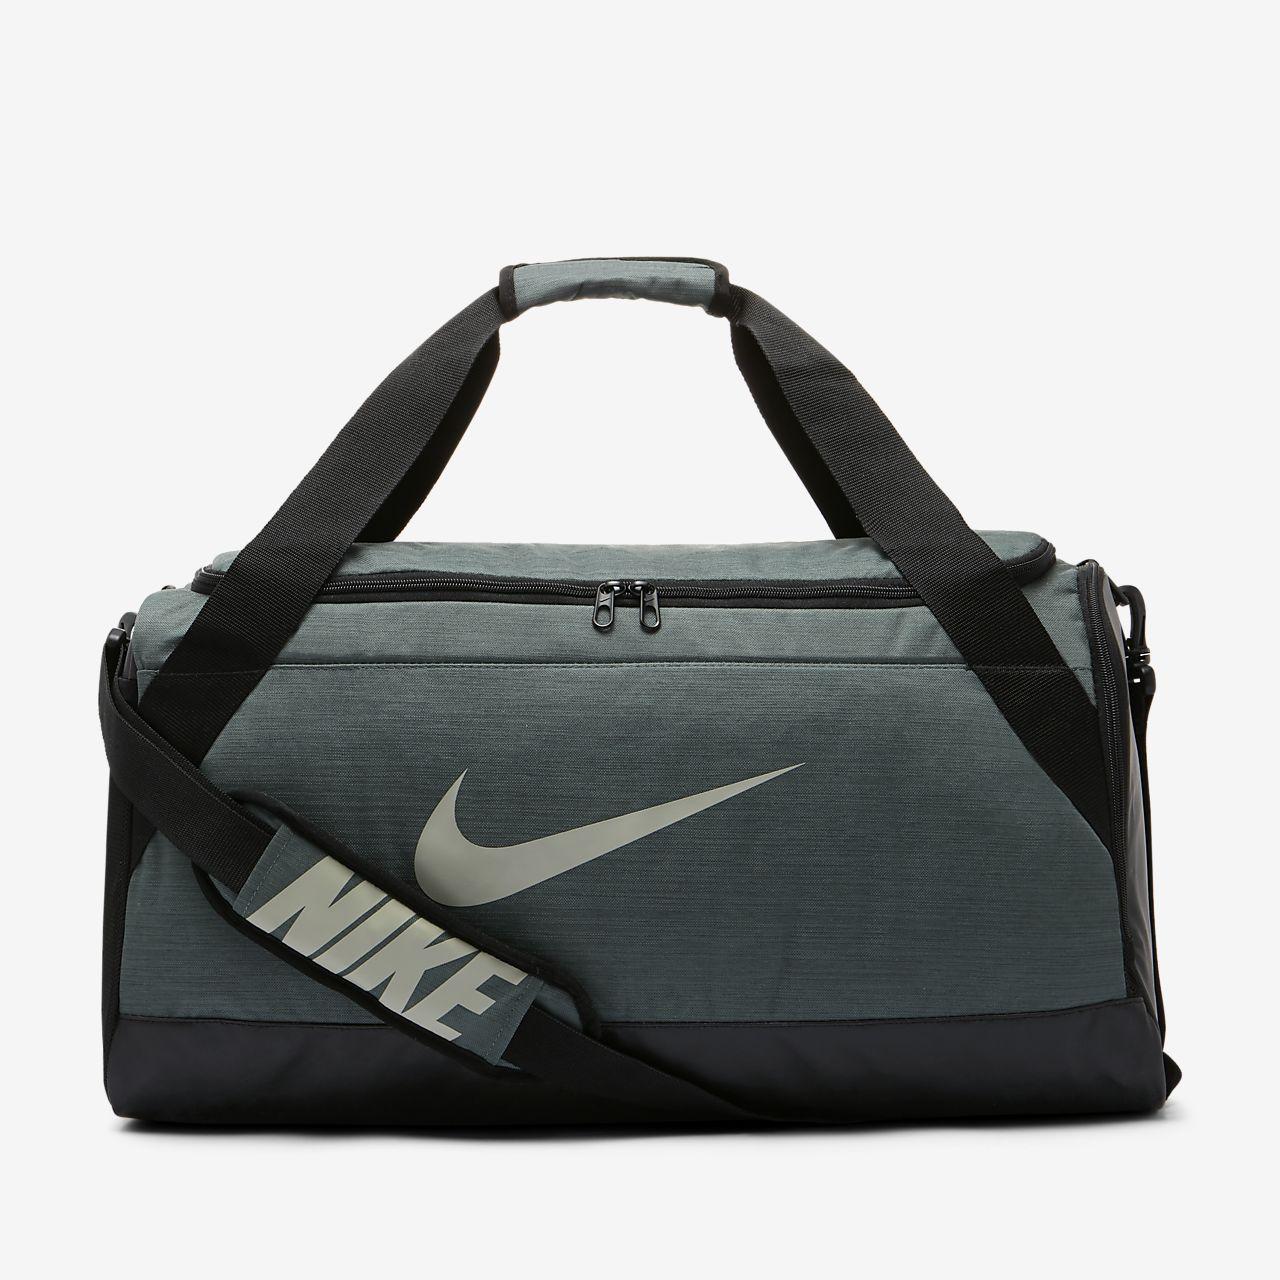 c43d6cffc191 Nike Sportswear Brasilia (Medium) Training Duffel Bag. Nike.com AU